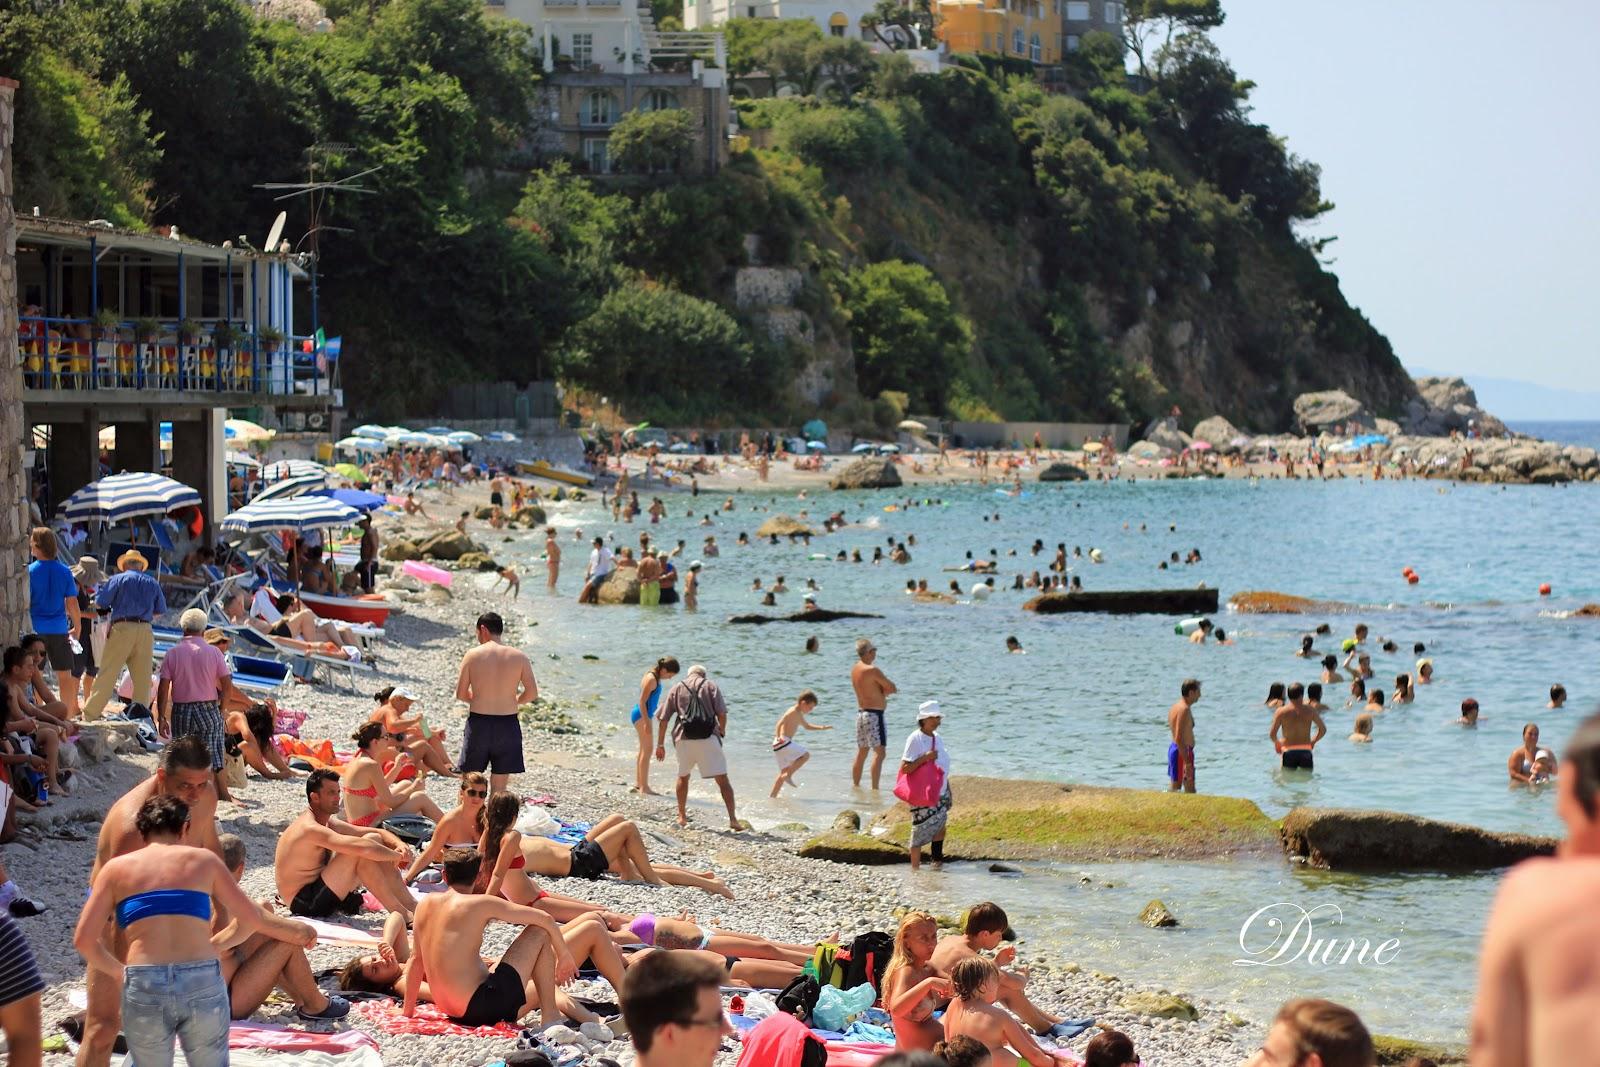 Лучшие пляжи в окрестностях Неаполя: где купаться и как